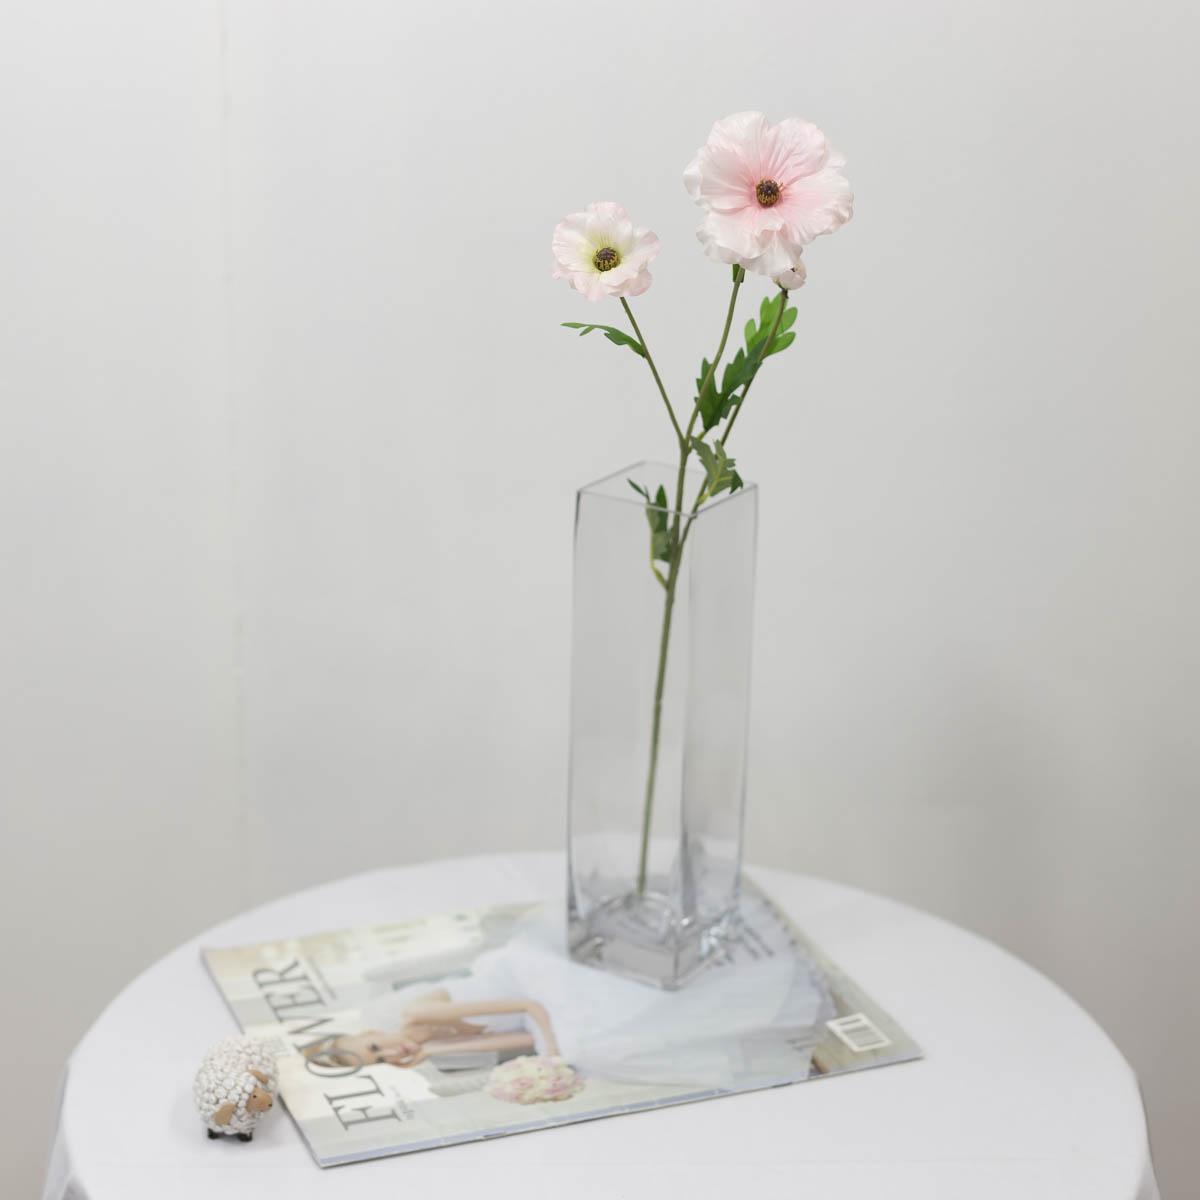 버터플라이 라넌큘러스 꽃 가지 60cm 핑크